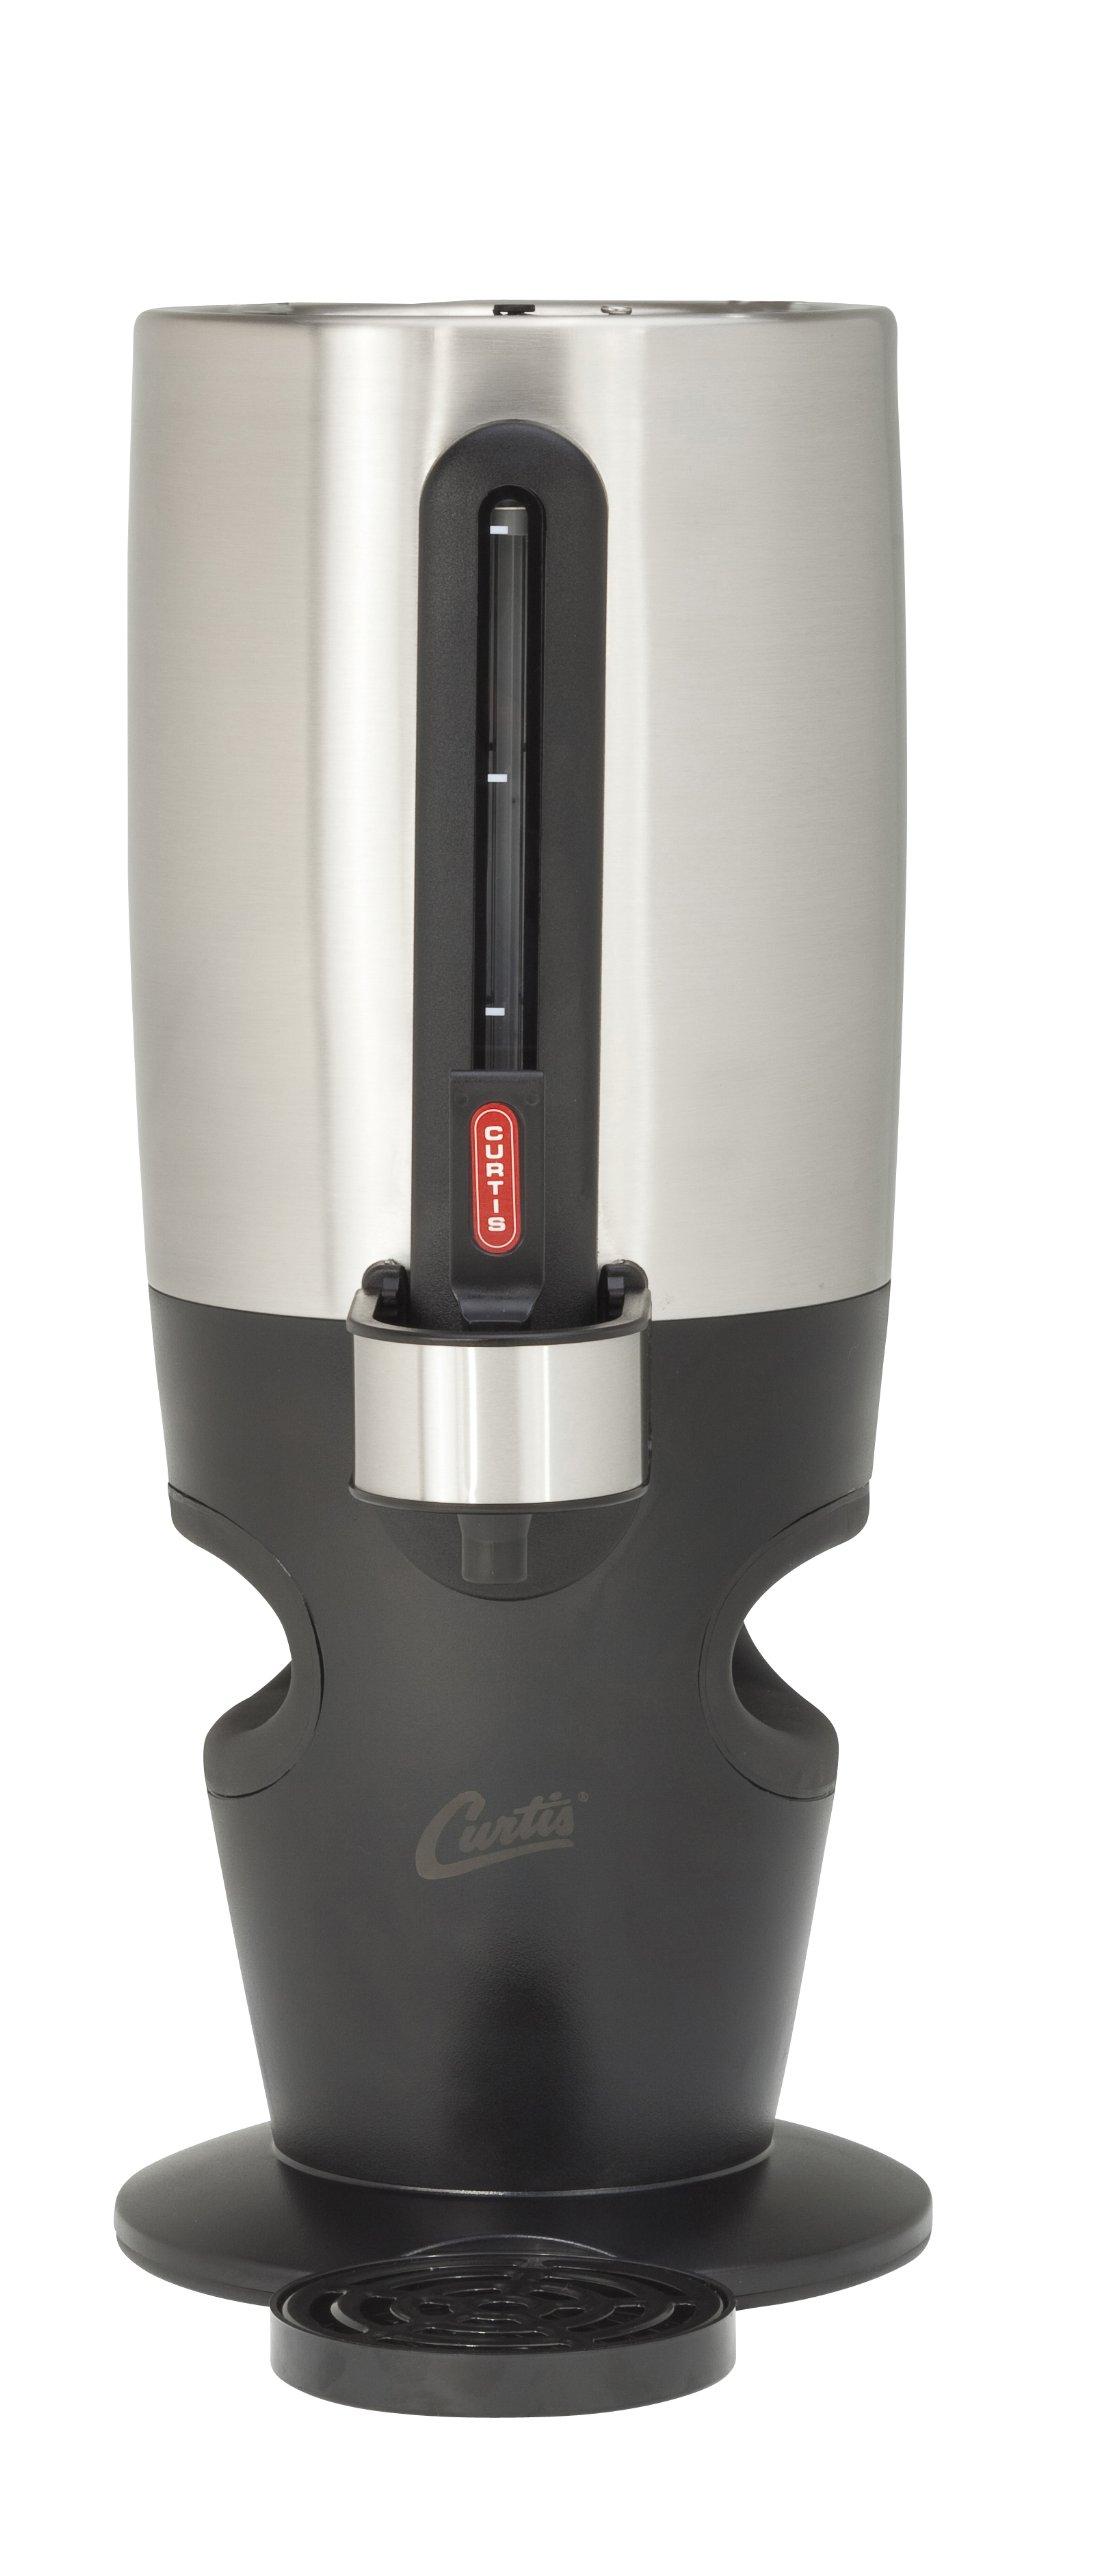 Wilbur Curtis Thermal Dispenser 1.5 Gallon Dispenser - Coffee Dispenser - TLCG1509S000 (Each)